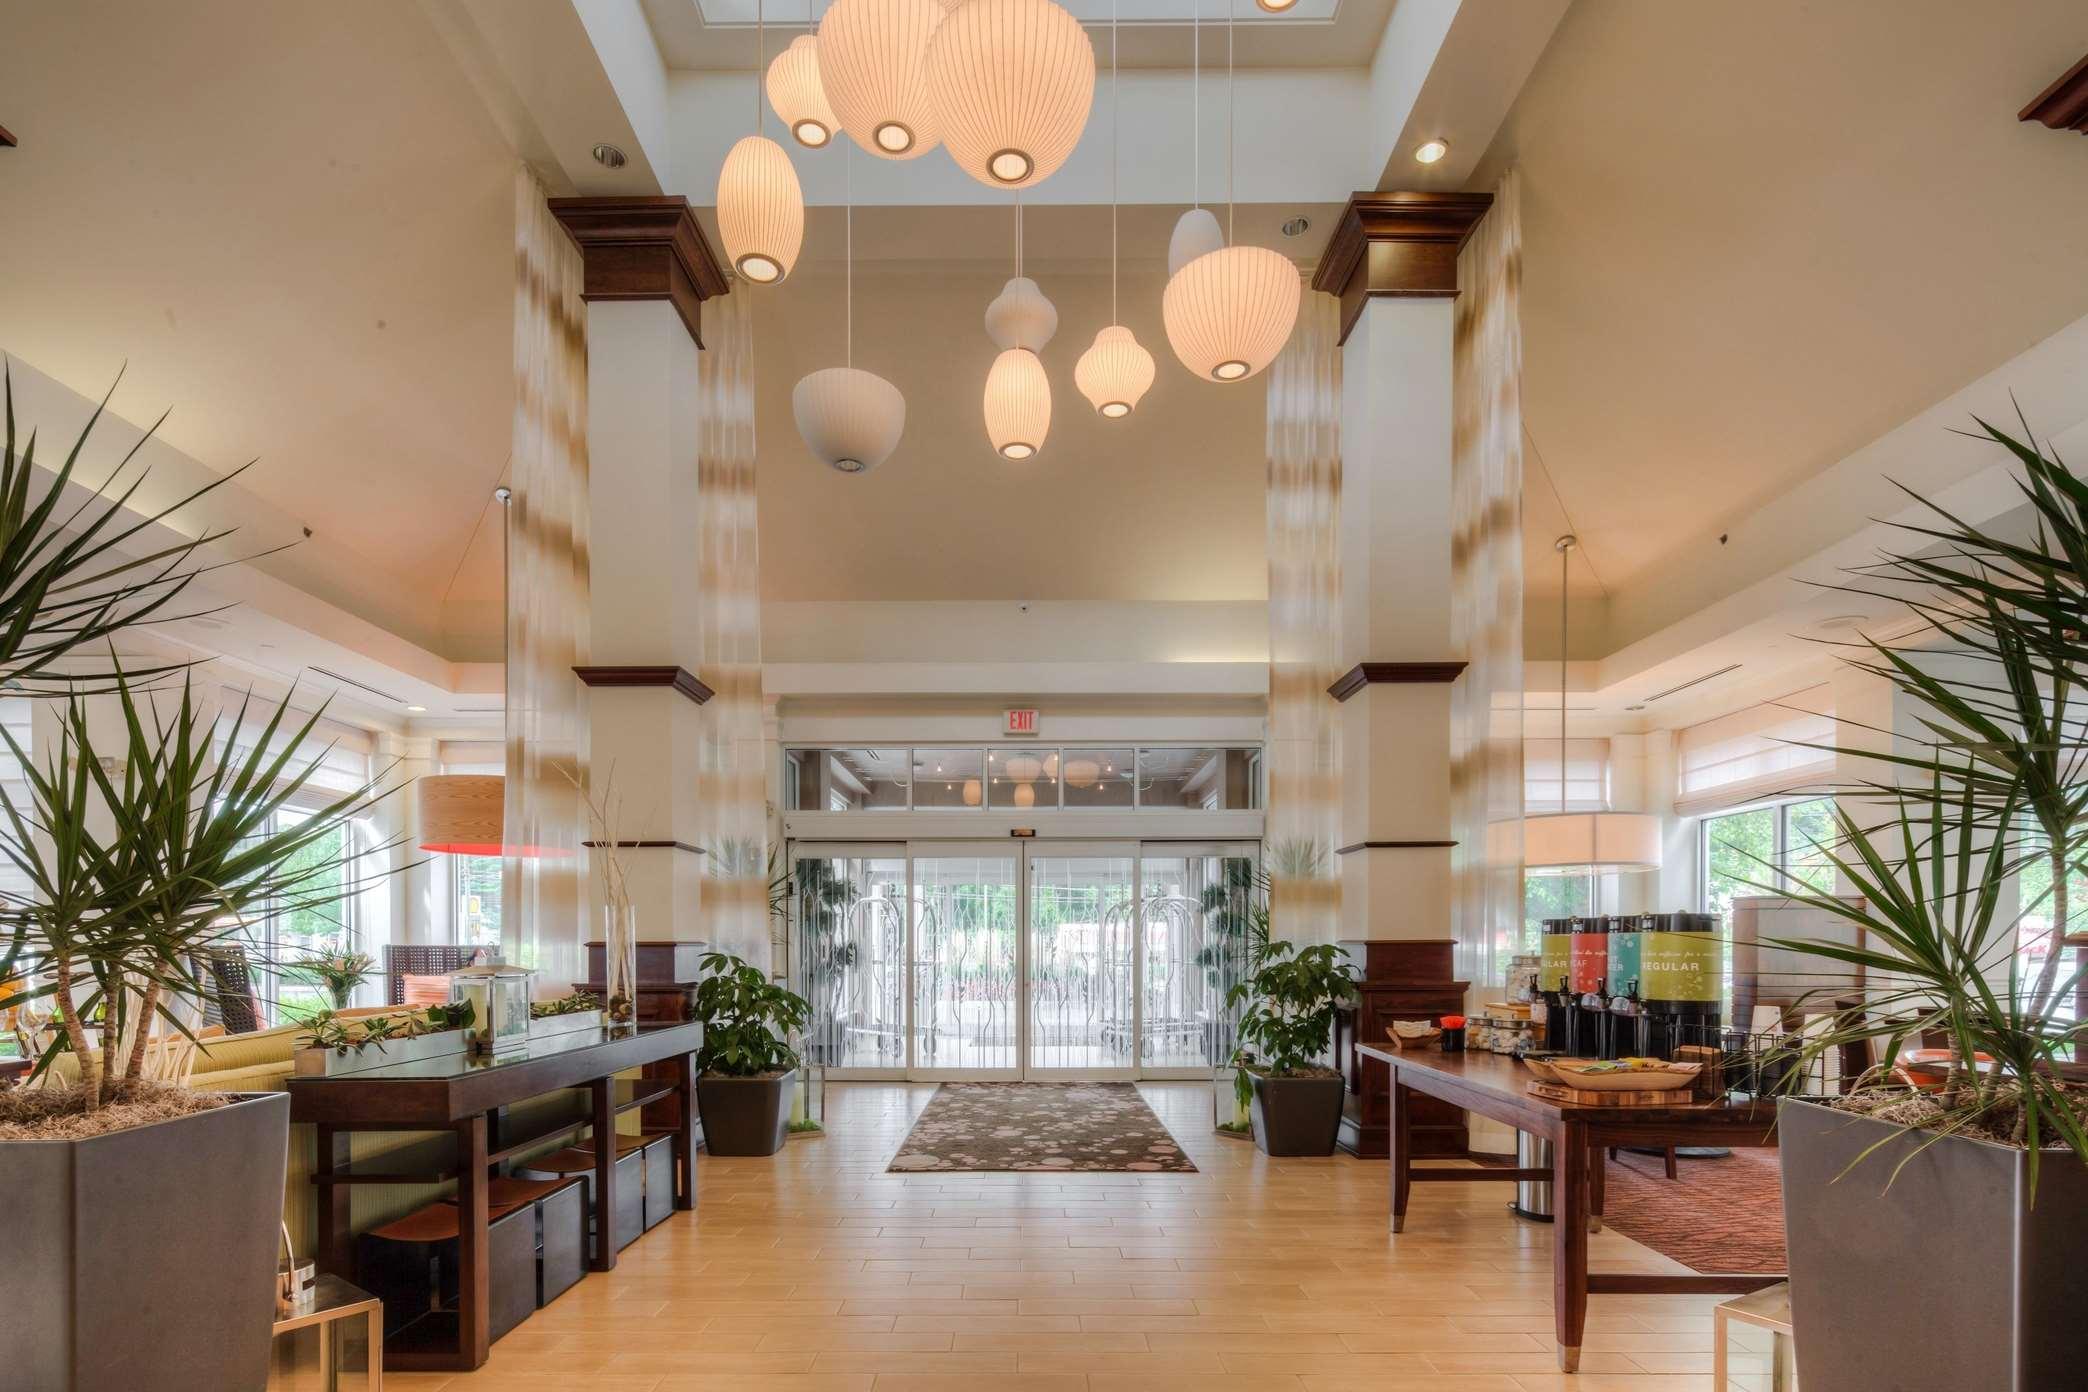 Hilton Garden Inn Norwalk 560 Main Avenue Norwalk, CT Hotels ...